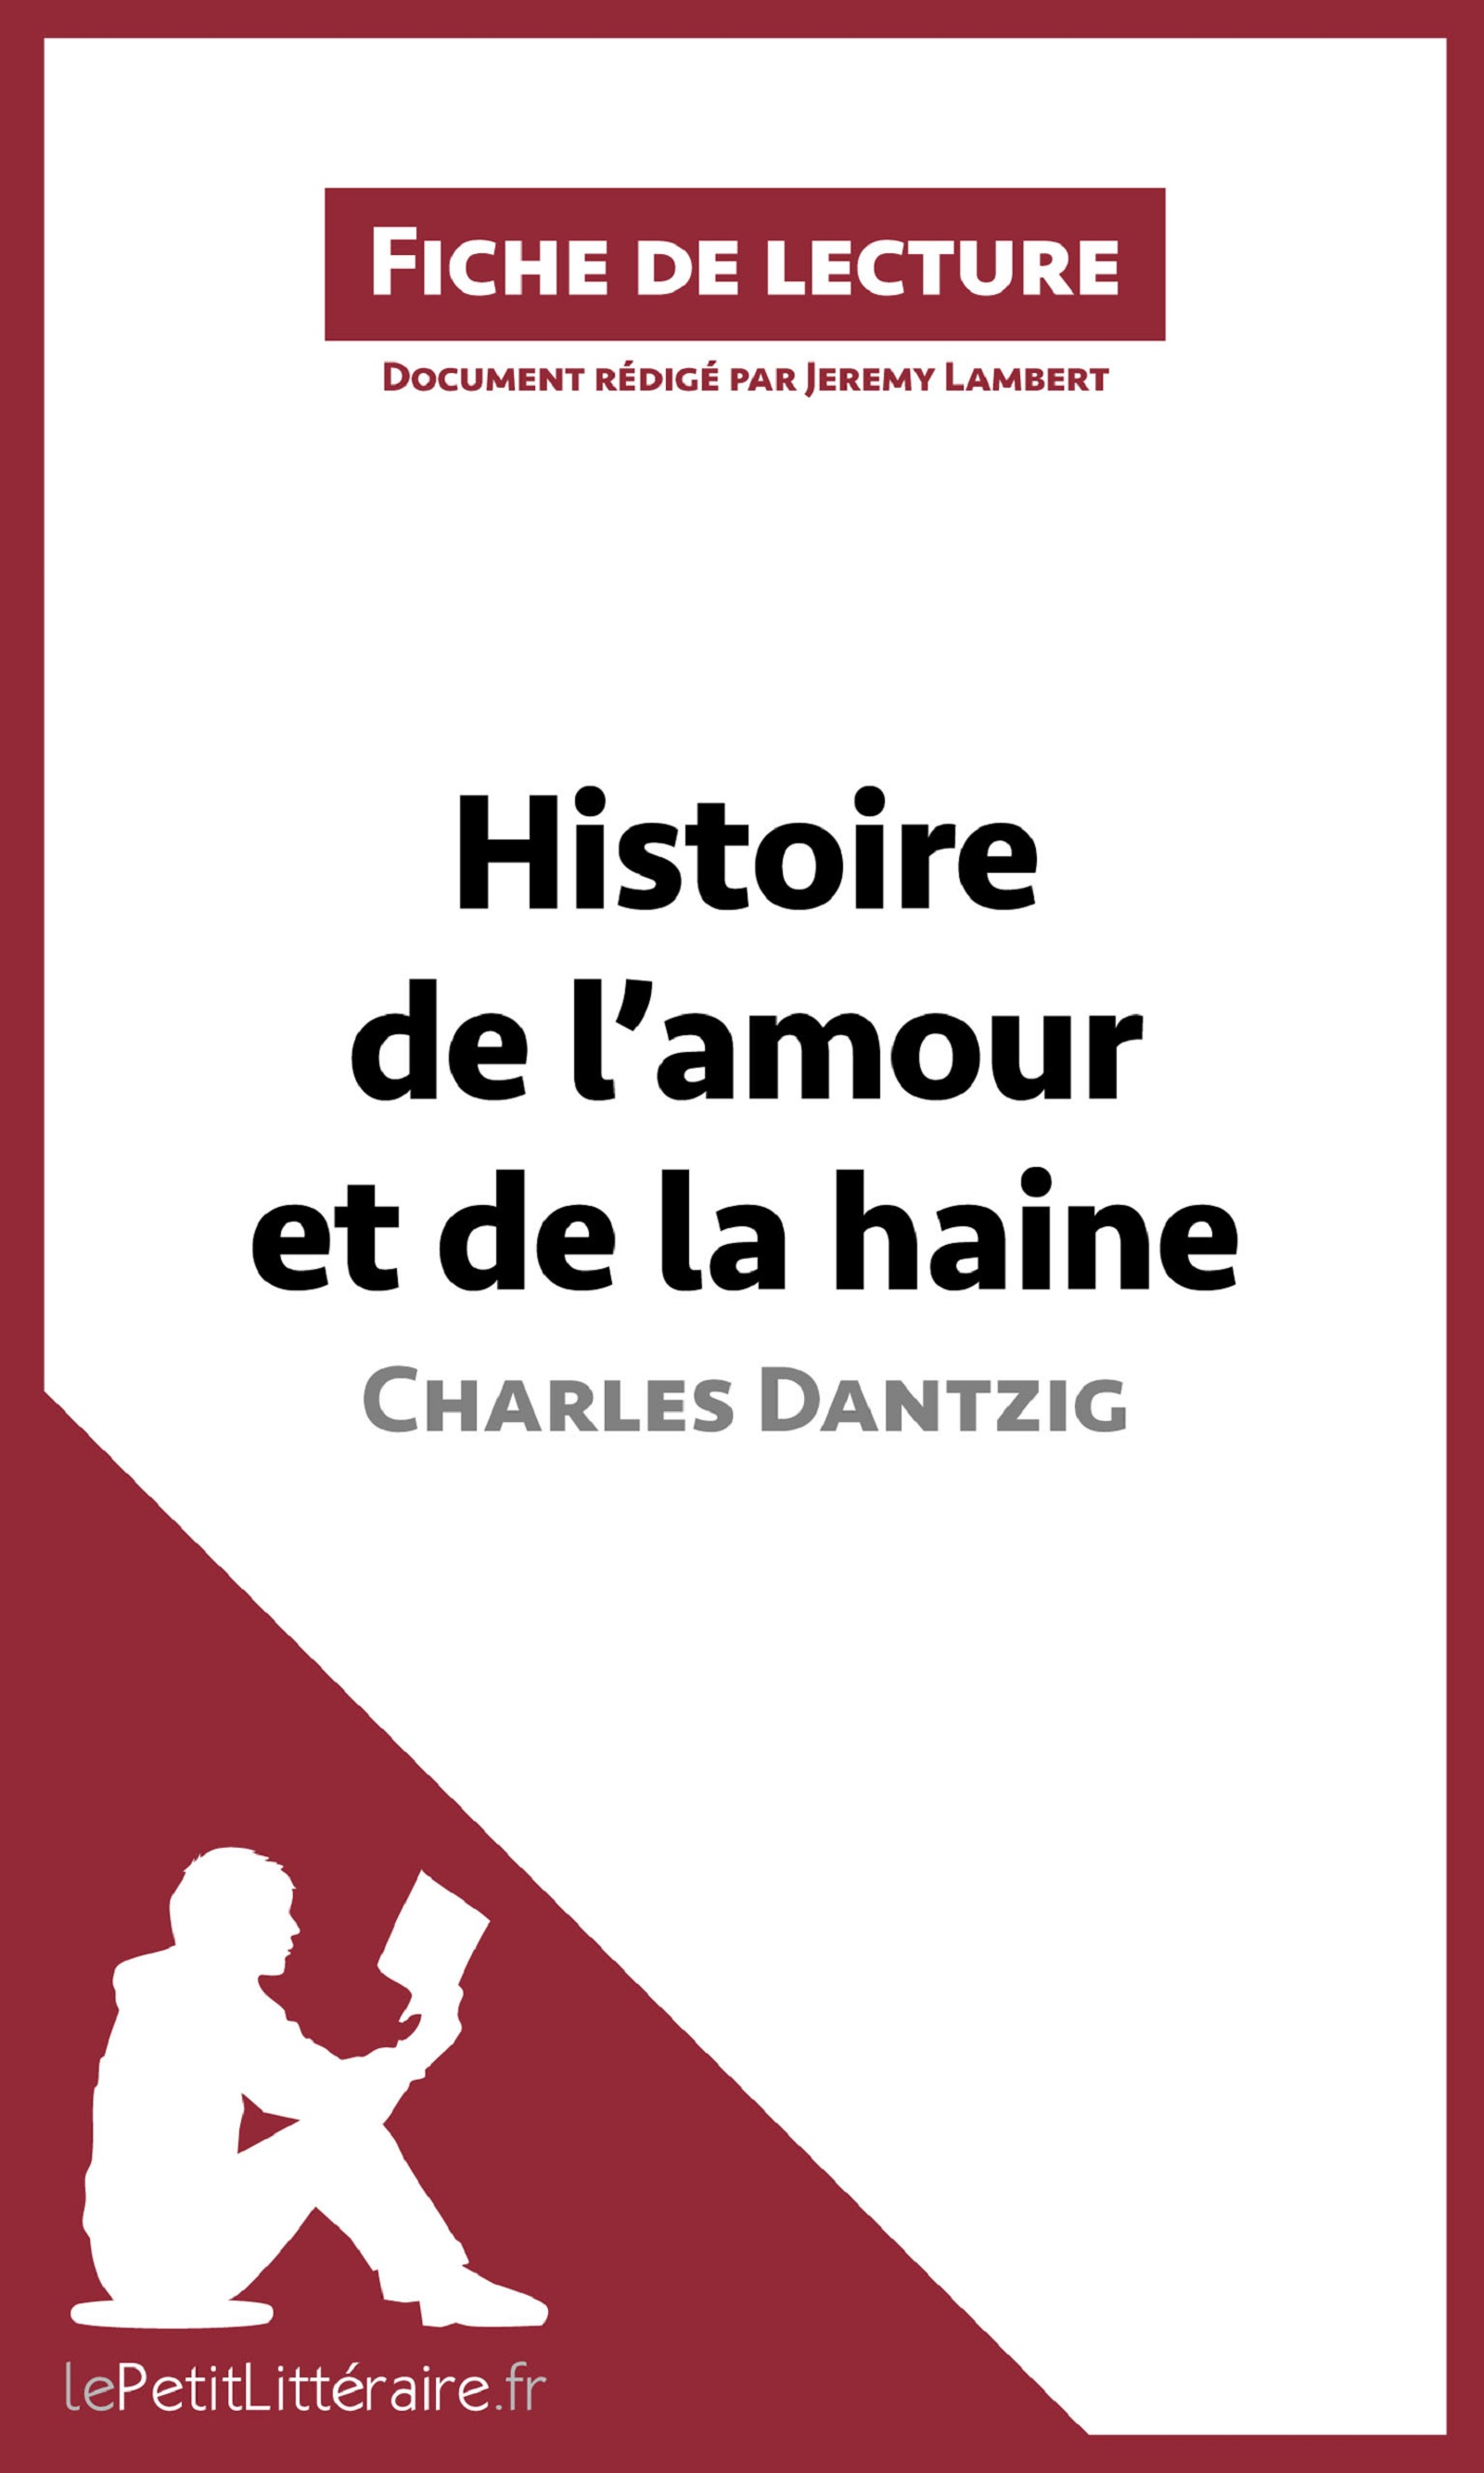 Histoire de l'amour et de la haine